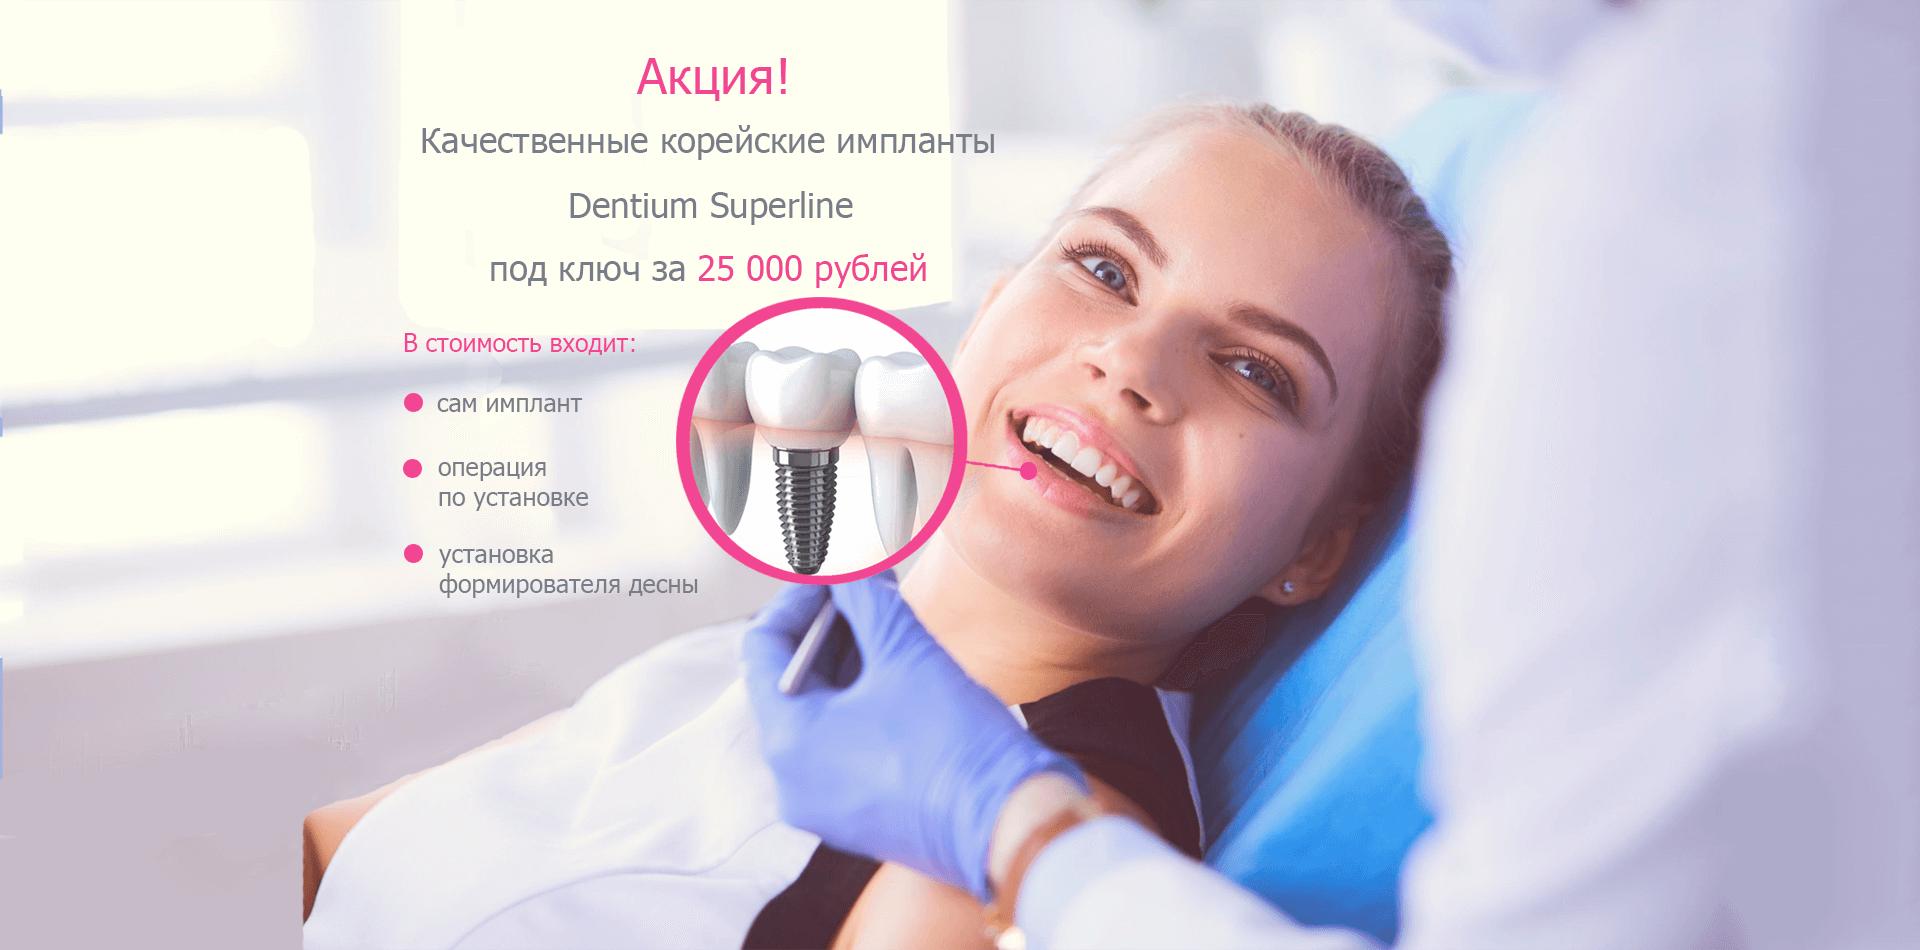 Акция на зубные импланты под ключ - фото